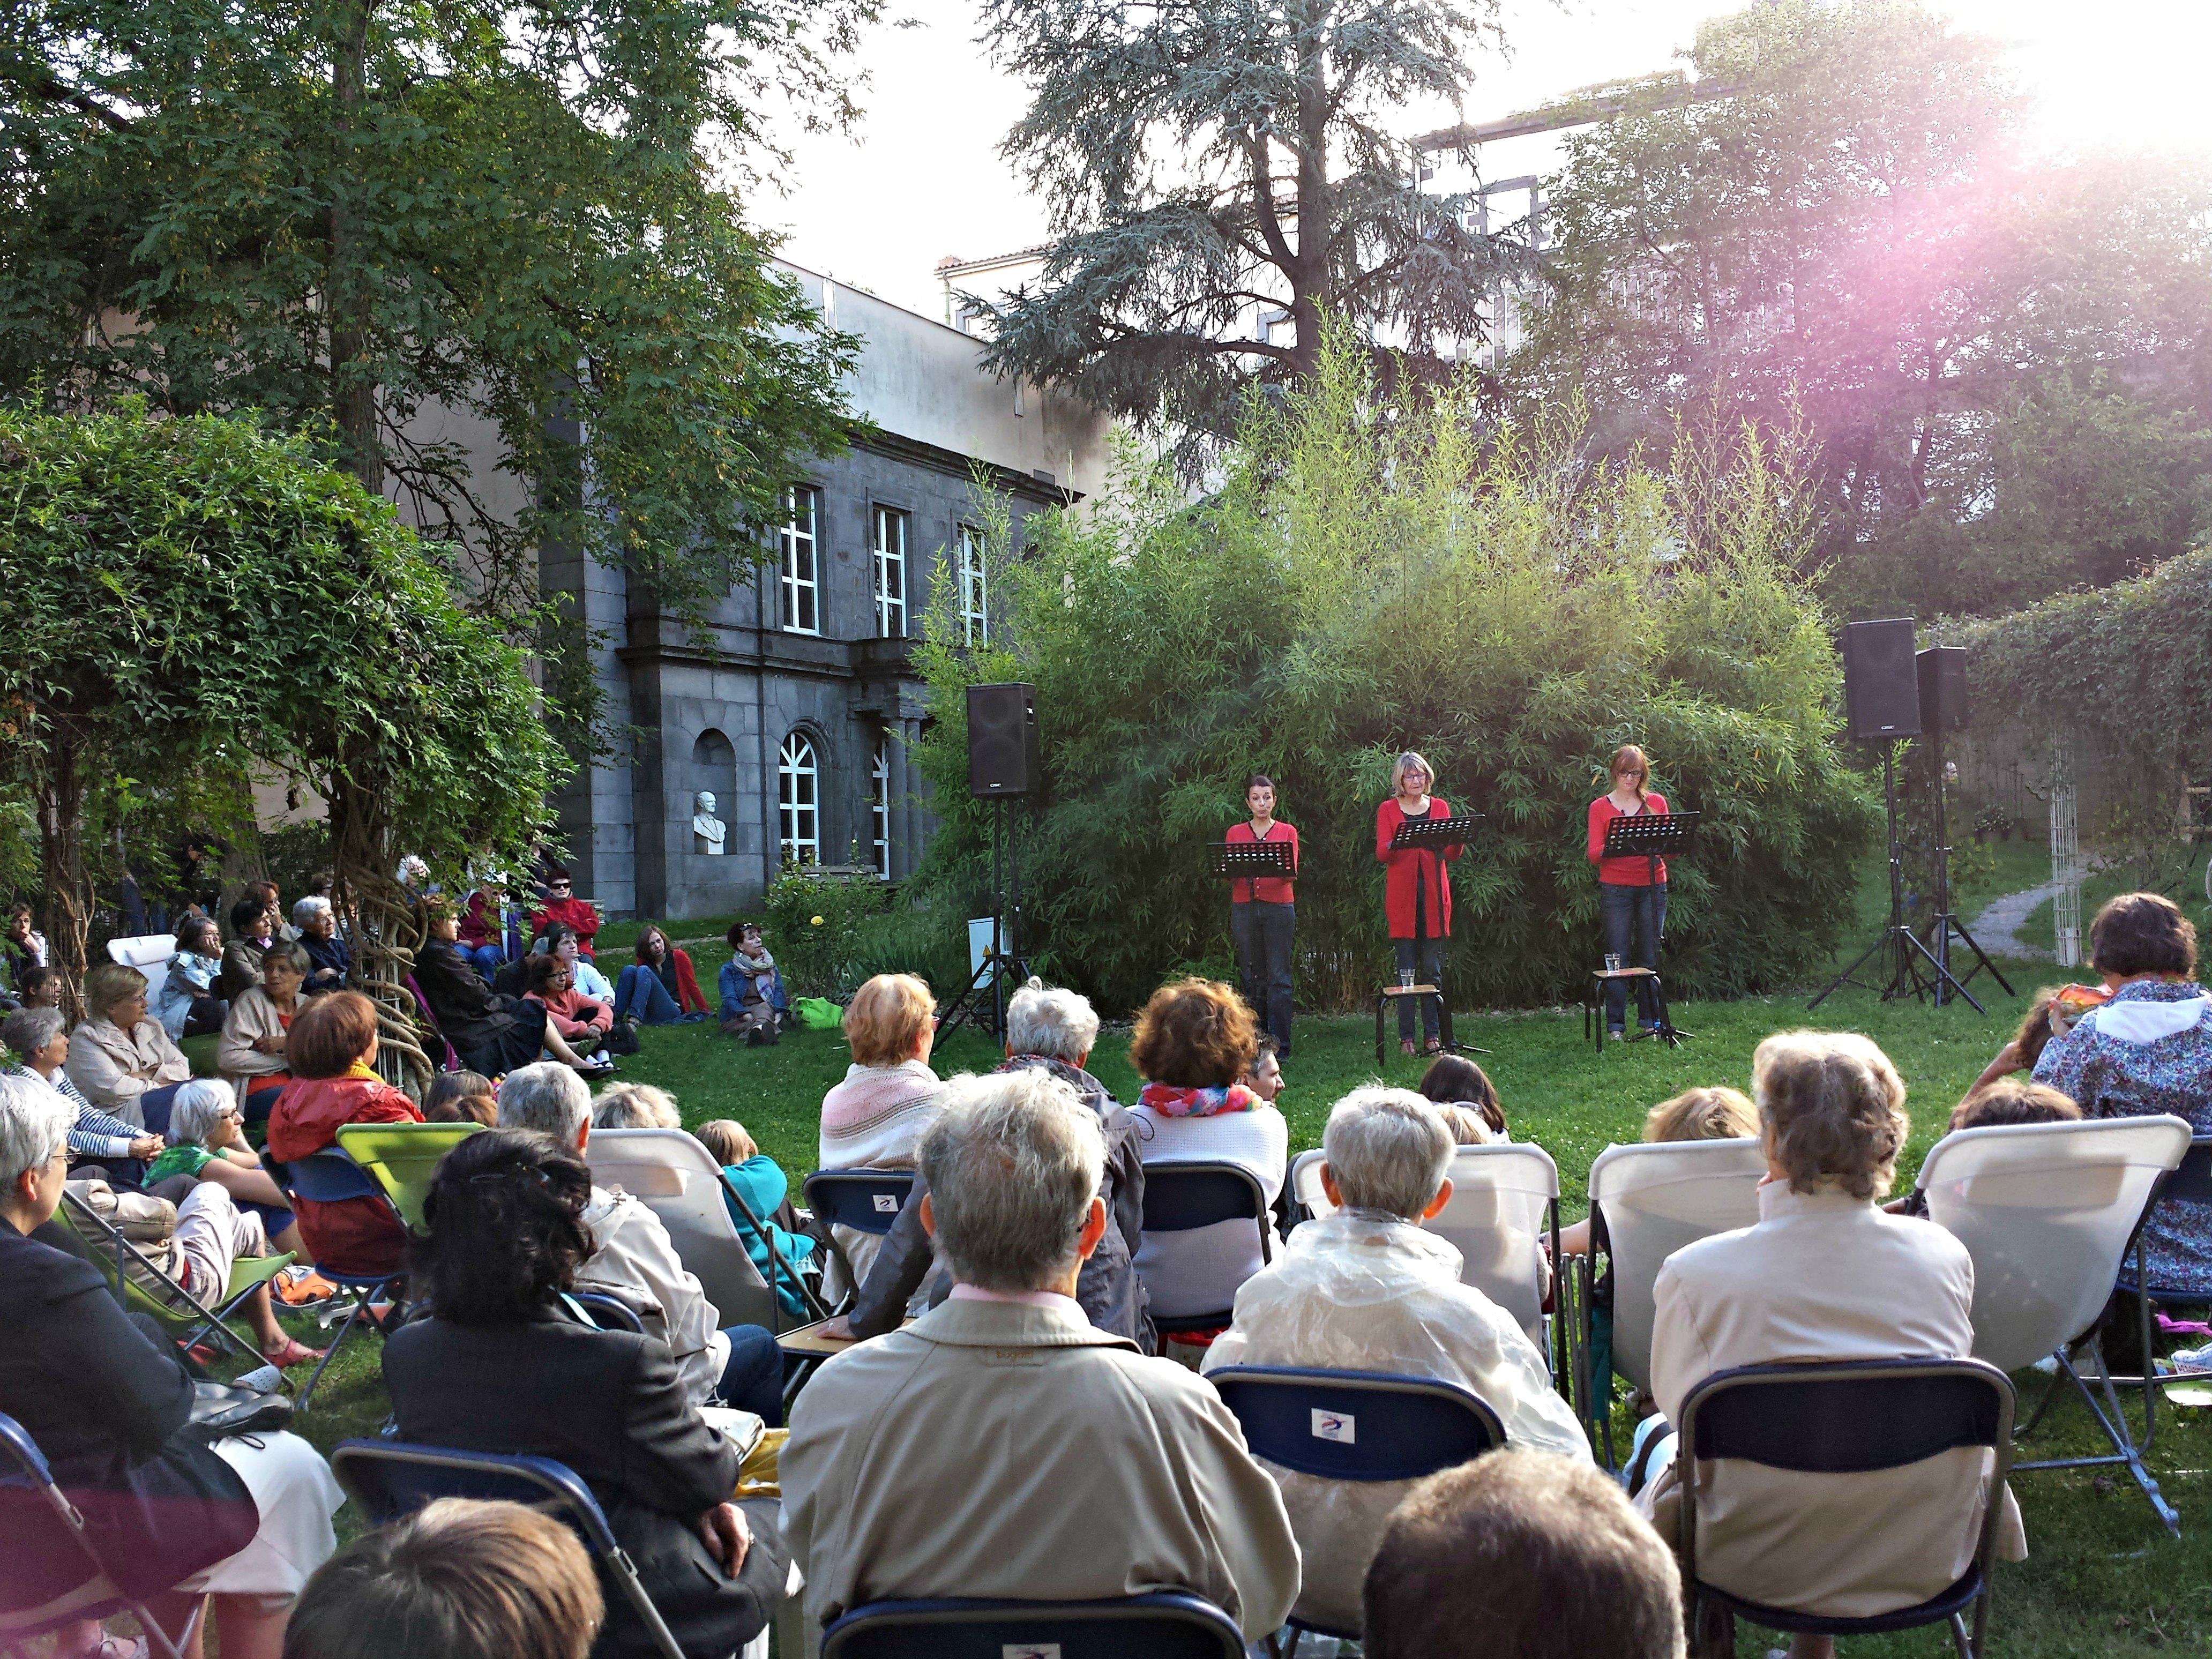 Les contre plong es de clermont ferrand 2014 the magic - Jardin d hiver henri salvador clermont ferrand ...